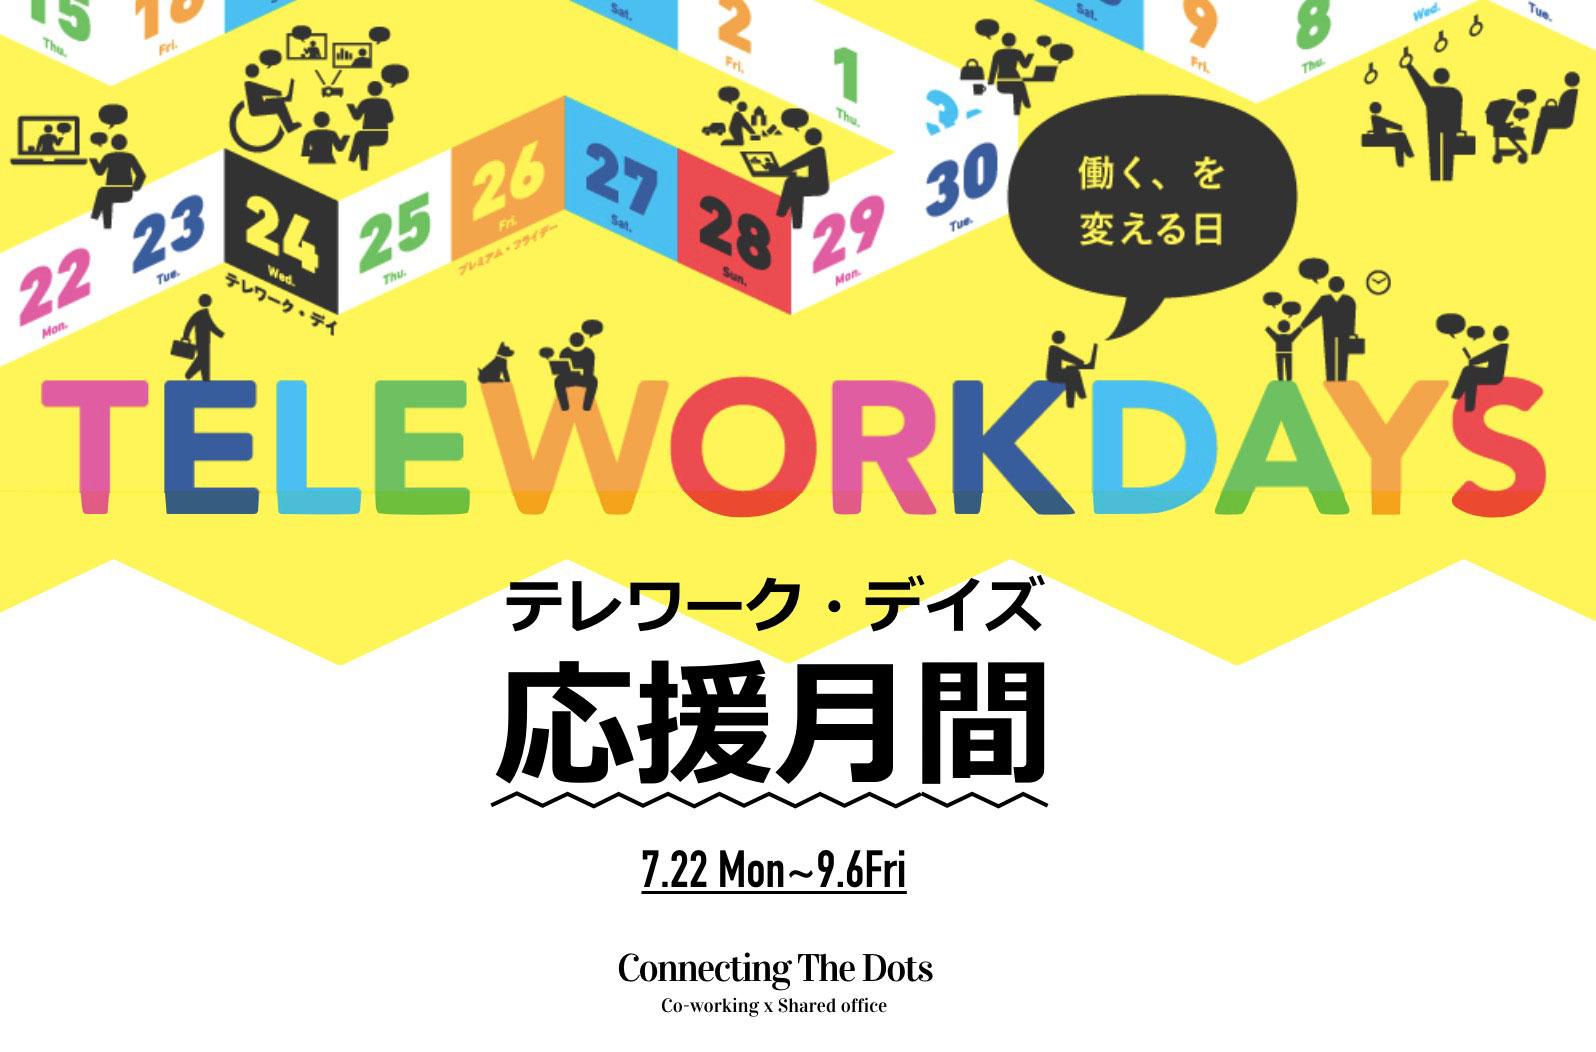 渋谷 シェアオフィス・コワーキング| テレワーク・デイズ